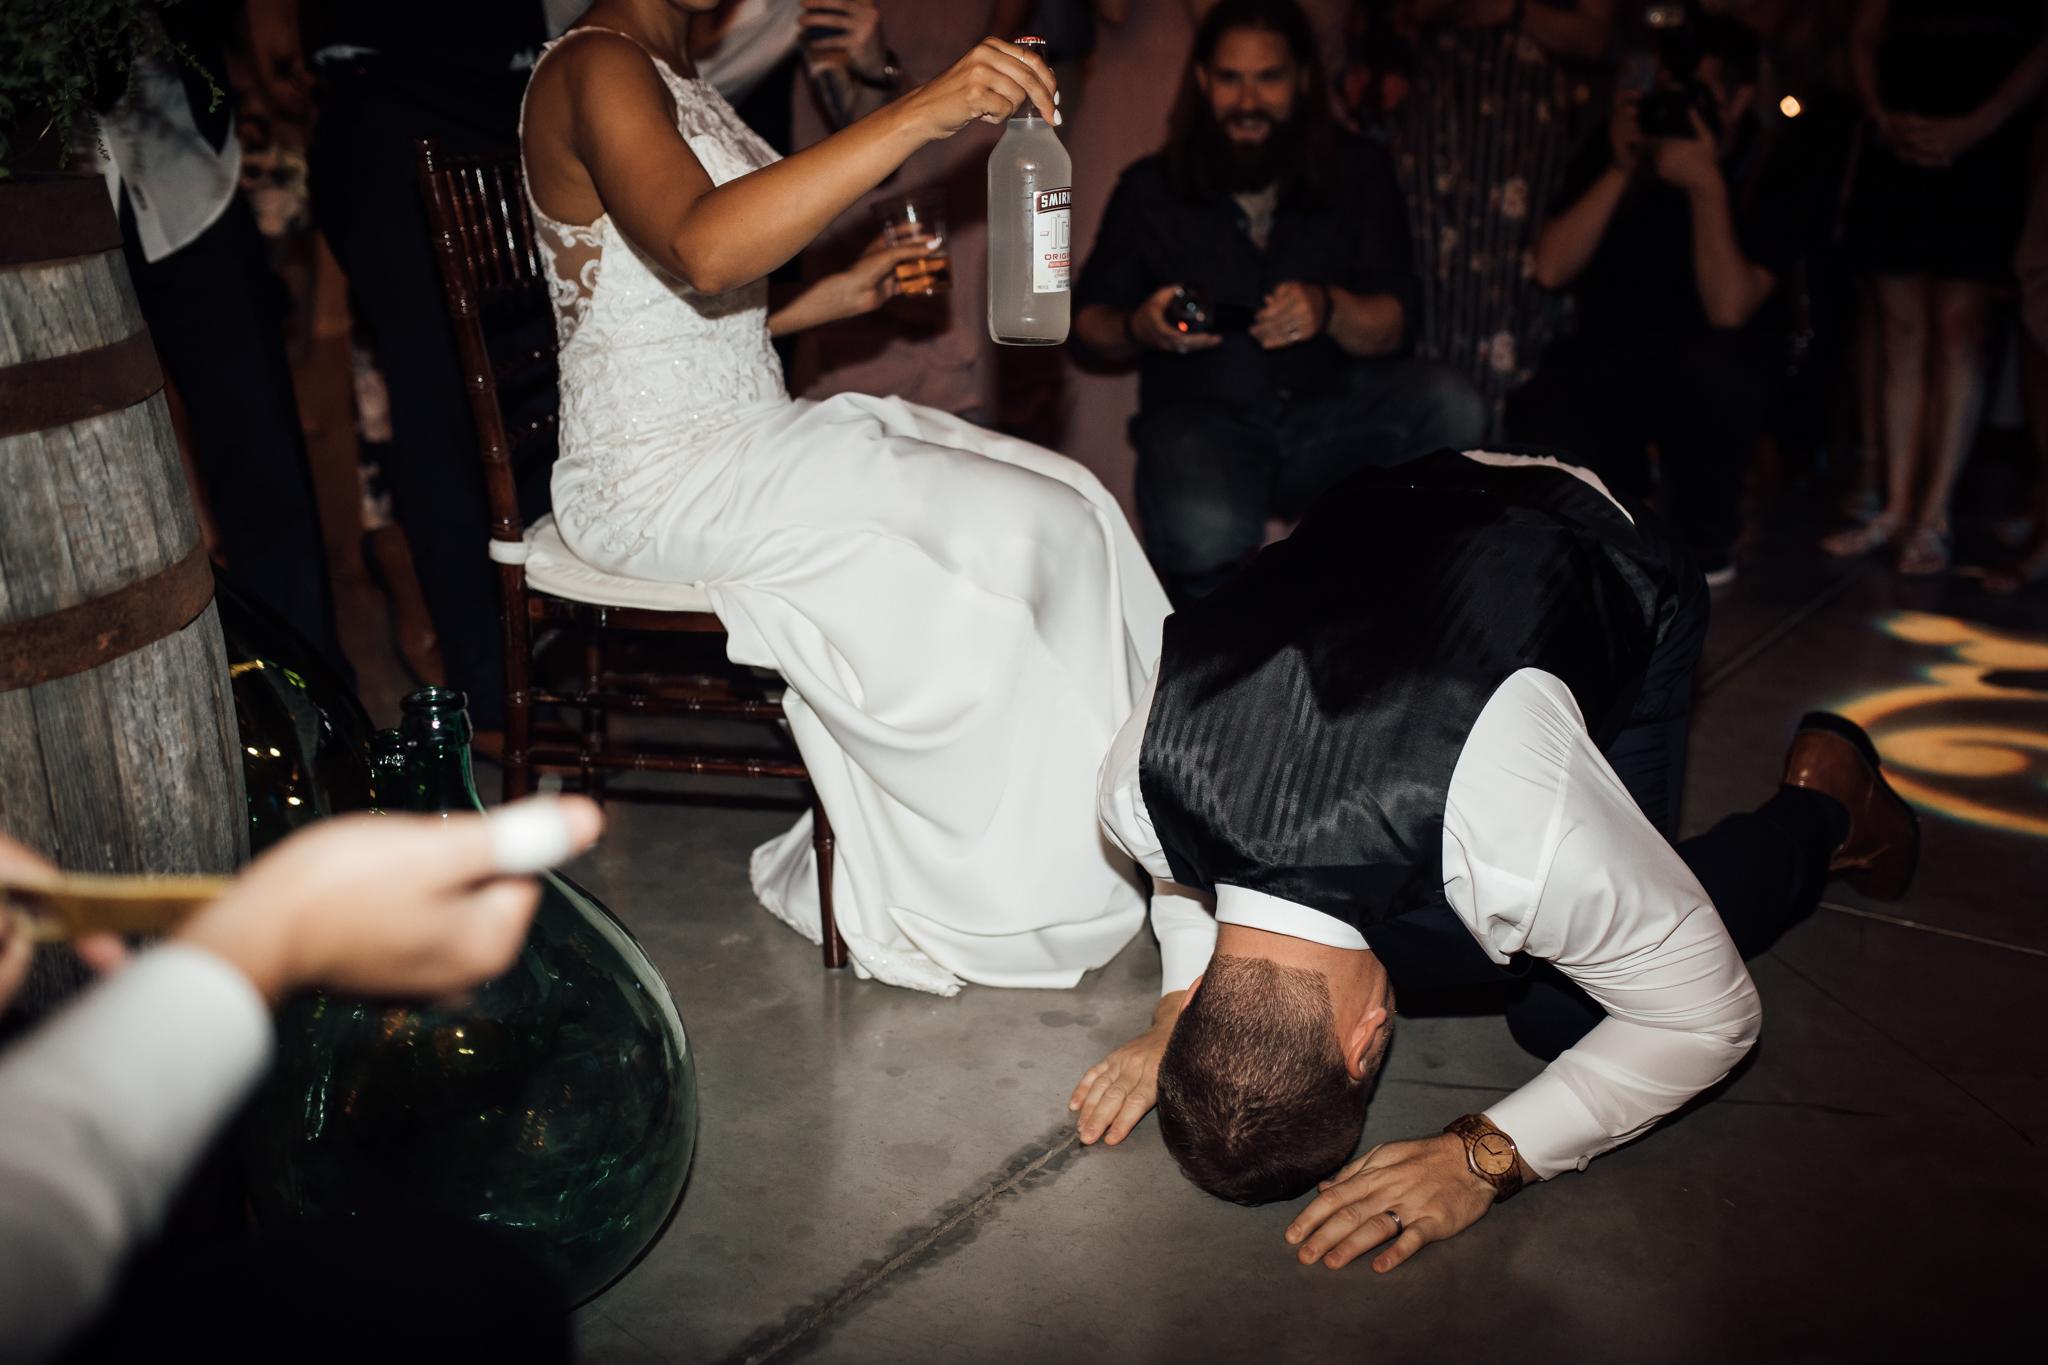 saddlewoodsfarms-nashville-wedding-photographer-thewarmtharoundyou-rustic-wedding (96 of 251).jpg